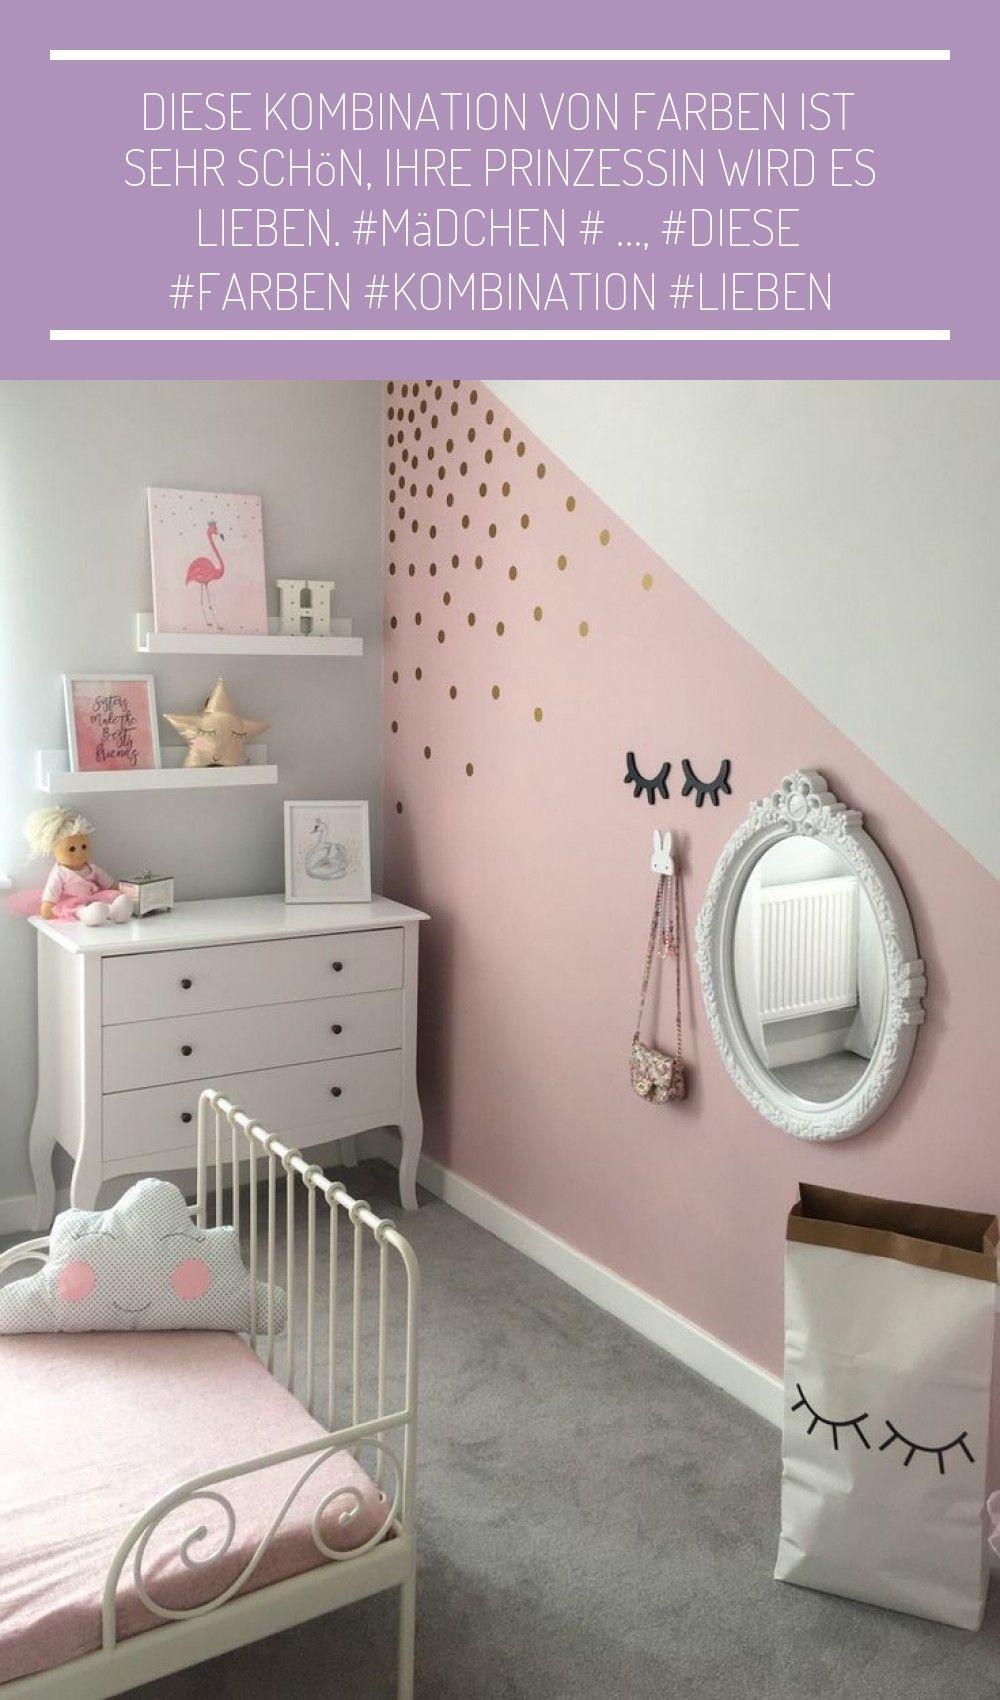 Diese Kombination Von Farben Ist Sehr Schön Ihre Prinzessin Wird Es Lieben M Babyzimmer Wandge Schlafzimmer Mädchen Mädchenzimmer Streichen Zimmer Mädchen